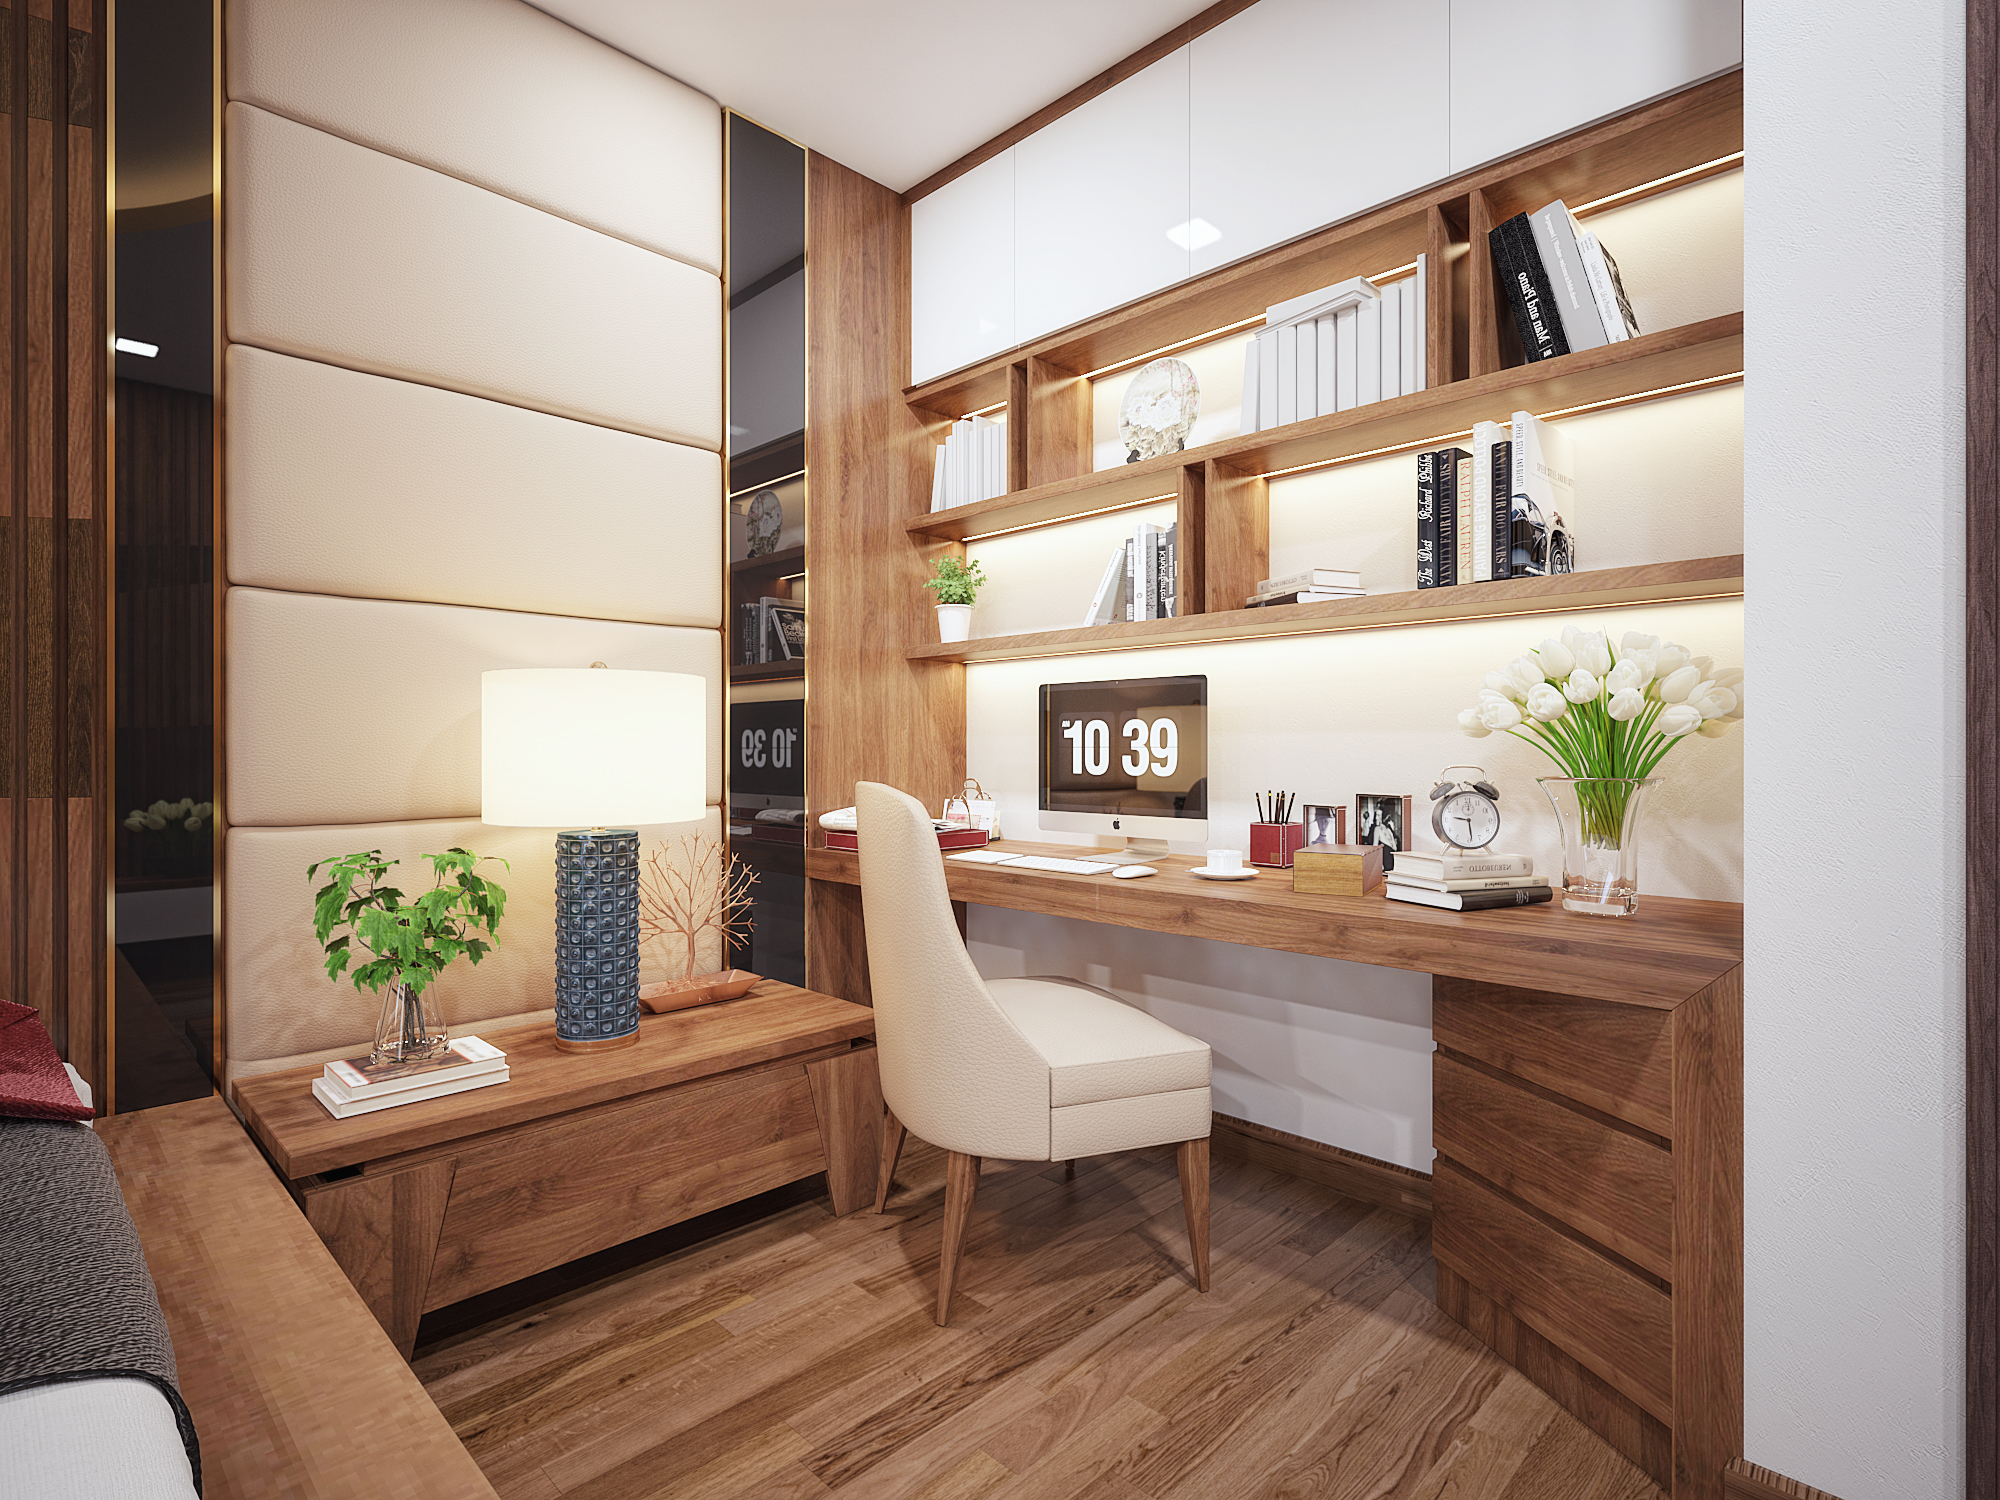 Thiết kế nội thất Biệt Thự tại Sơn La INTERIORO _02 1575334963 13